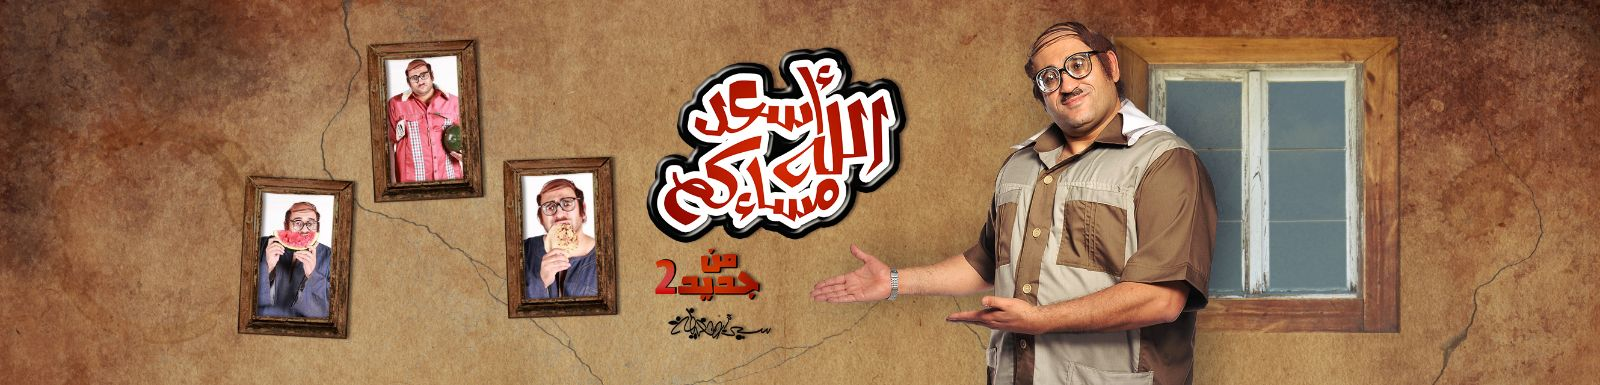 مشاهدة برنامج أسعد الله مسائكم الحلقة 27 الموسم الثاني اليوم السبت 10-1-2015 كاملة